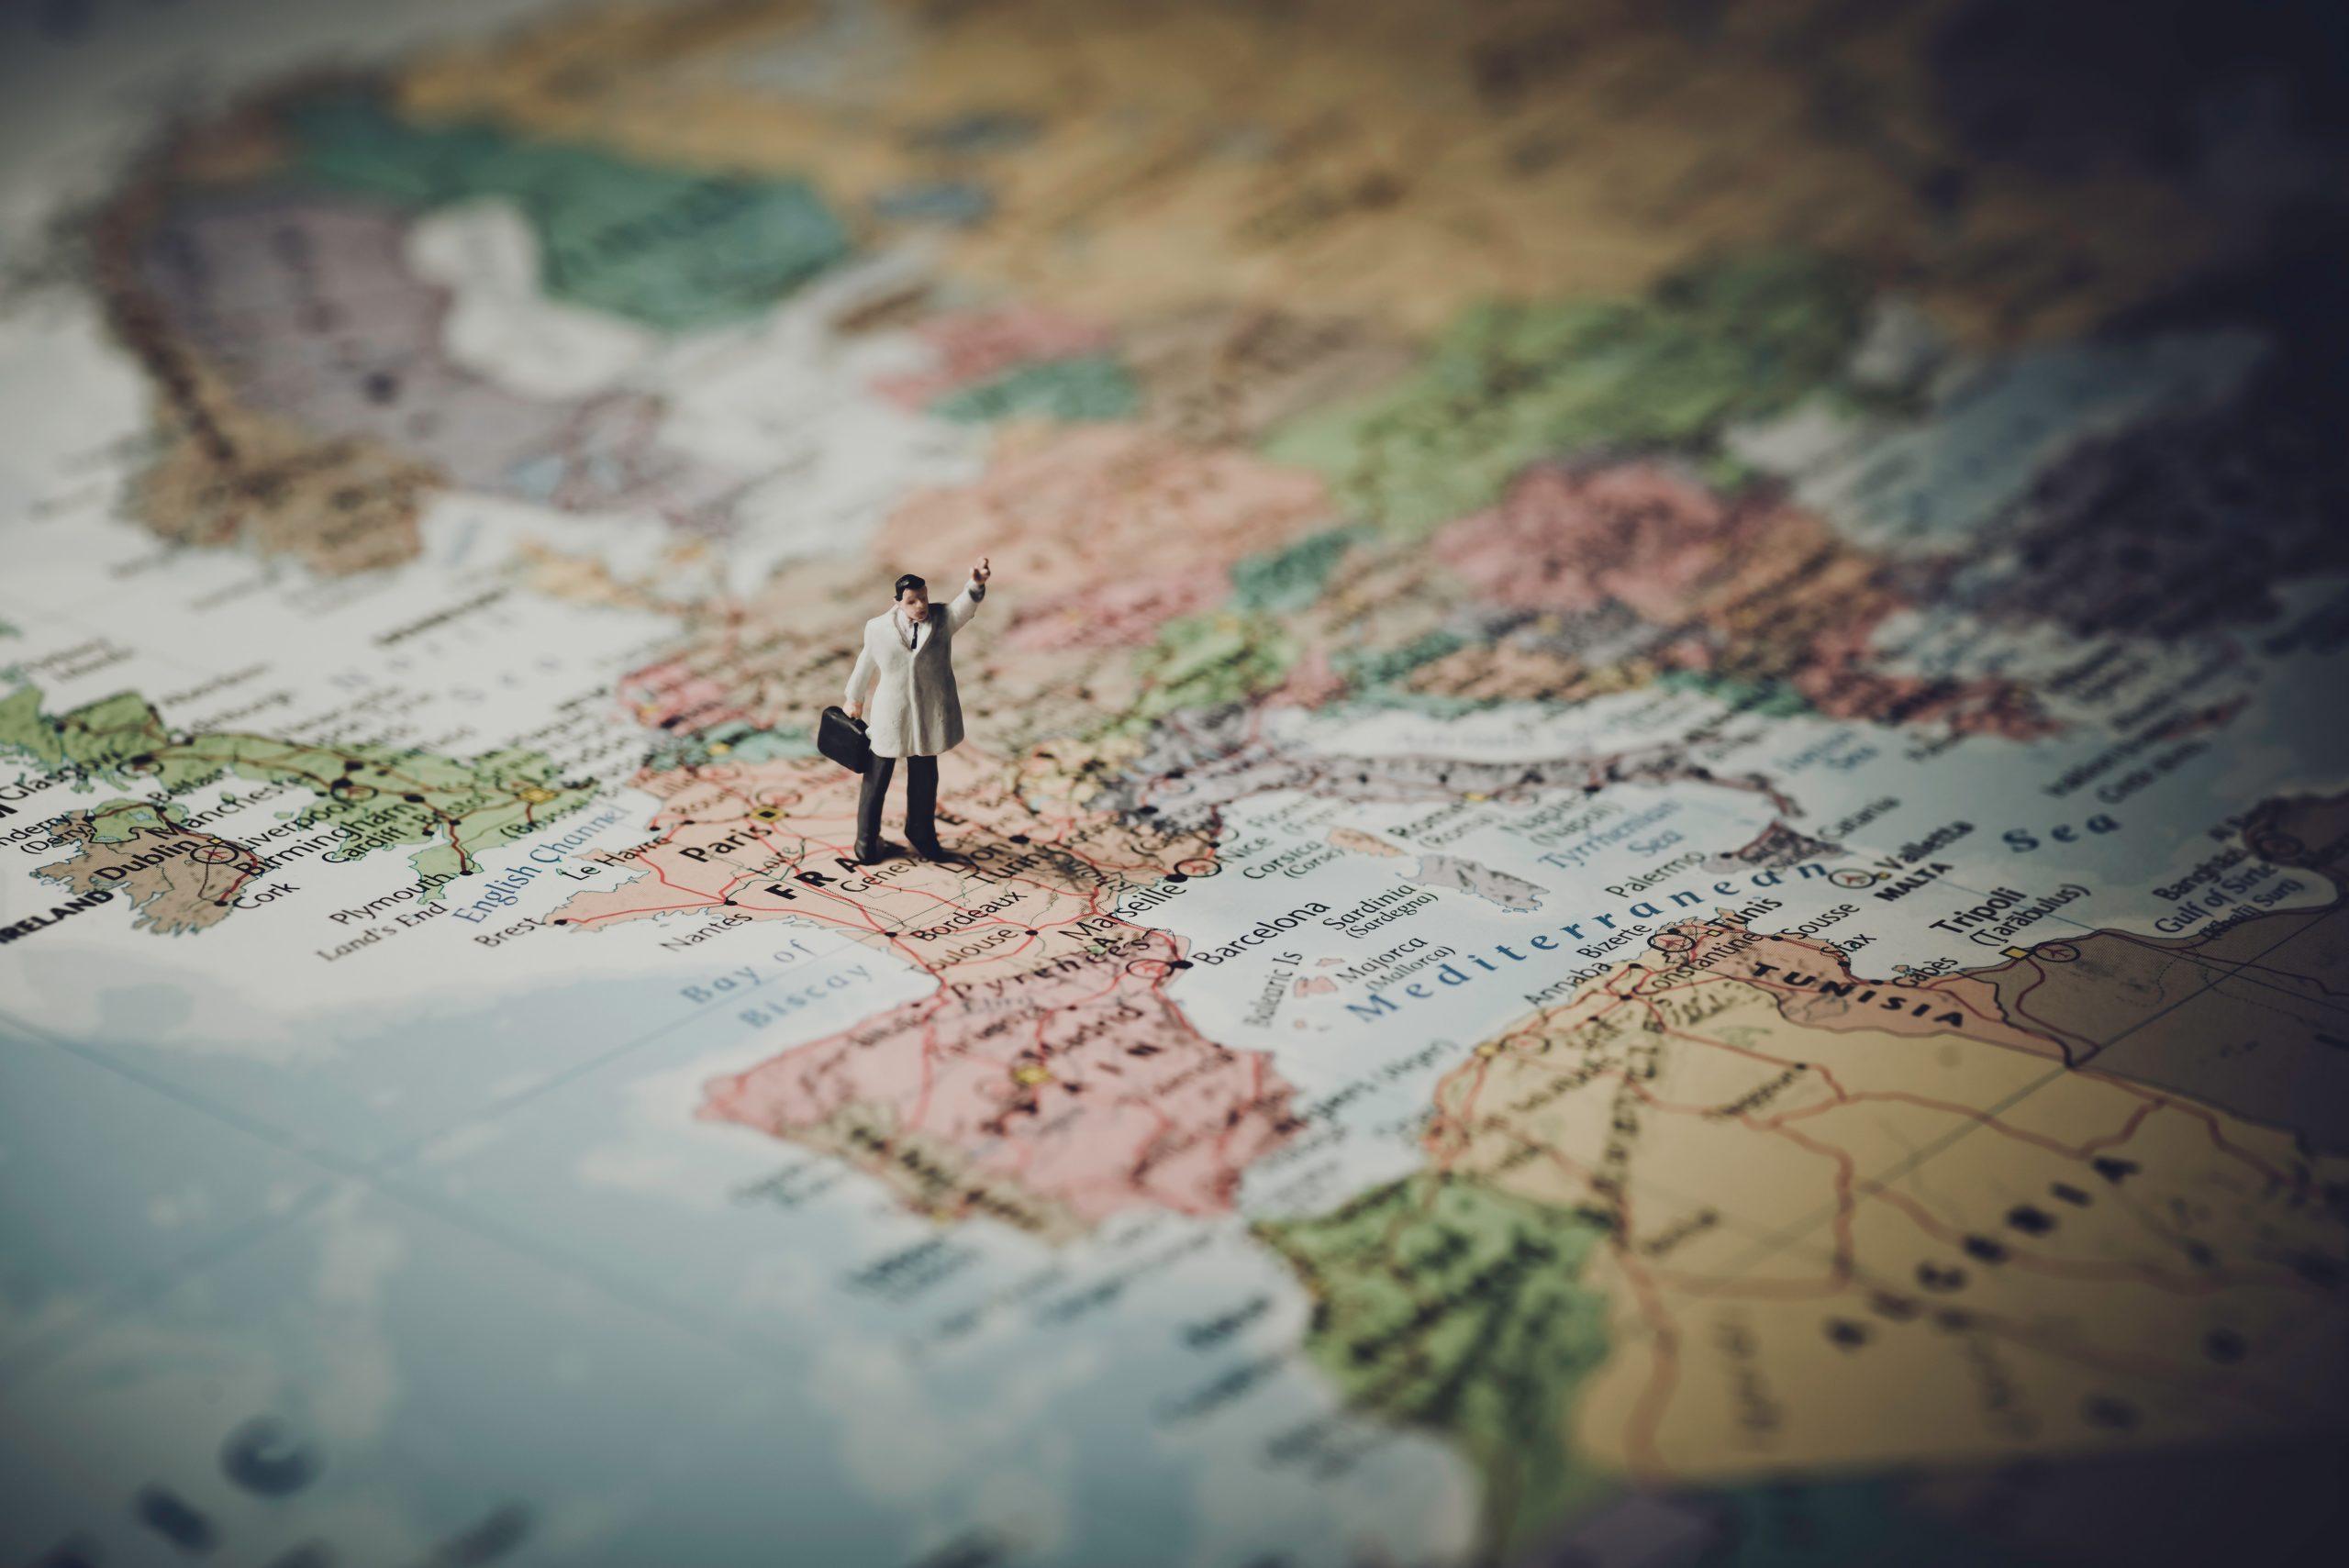 Jak przygotować się do wyjazdu nazagraniczny kurs językowy?